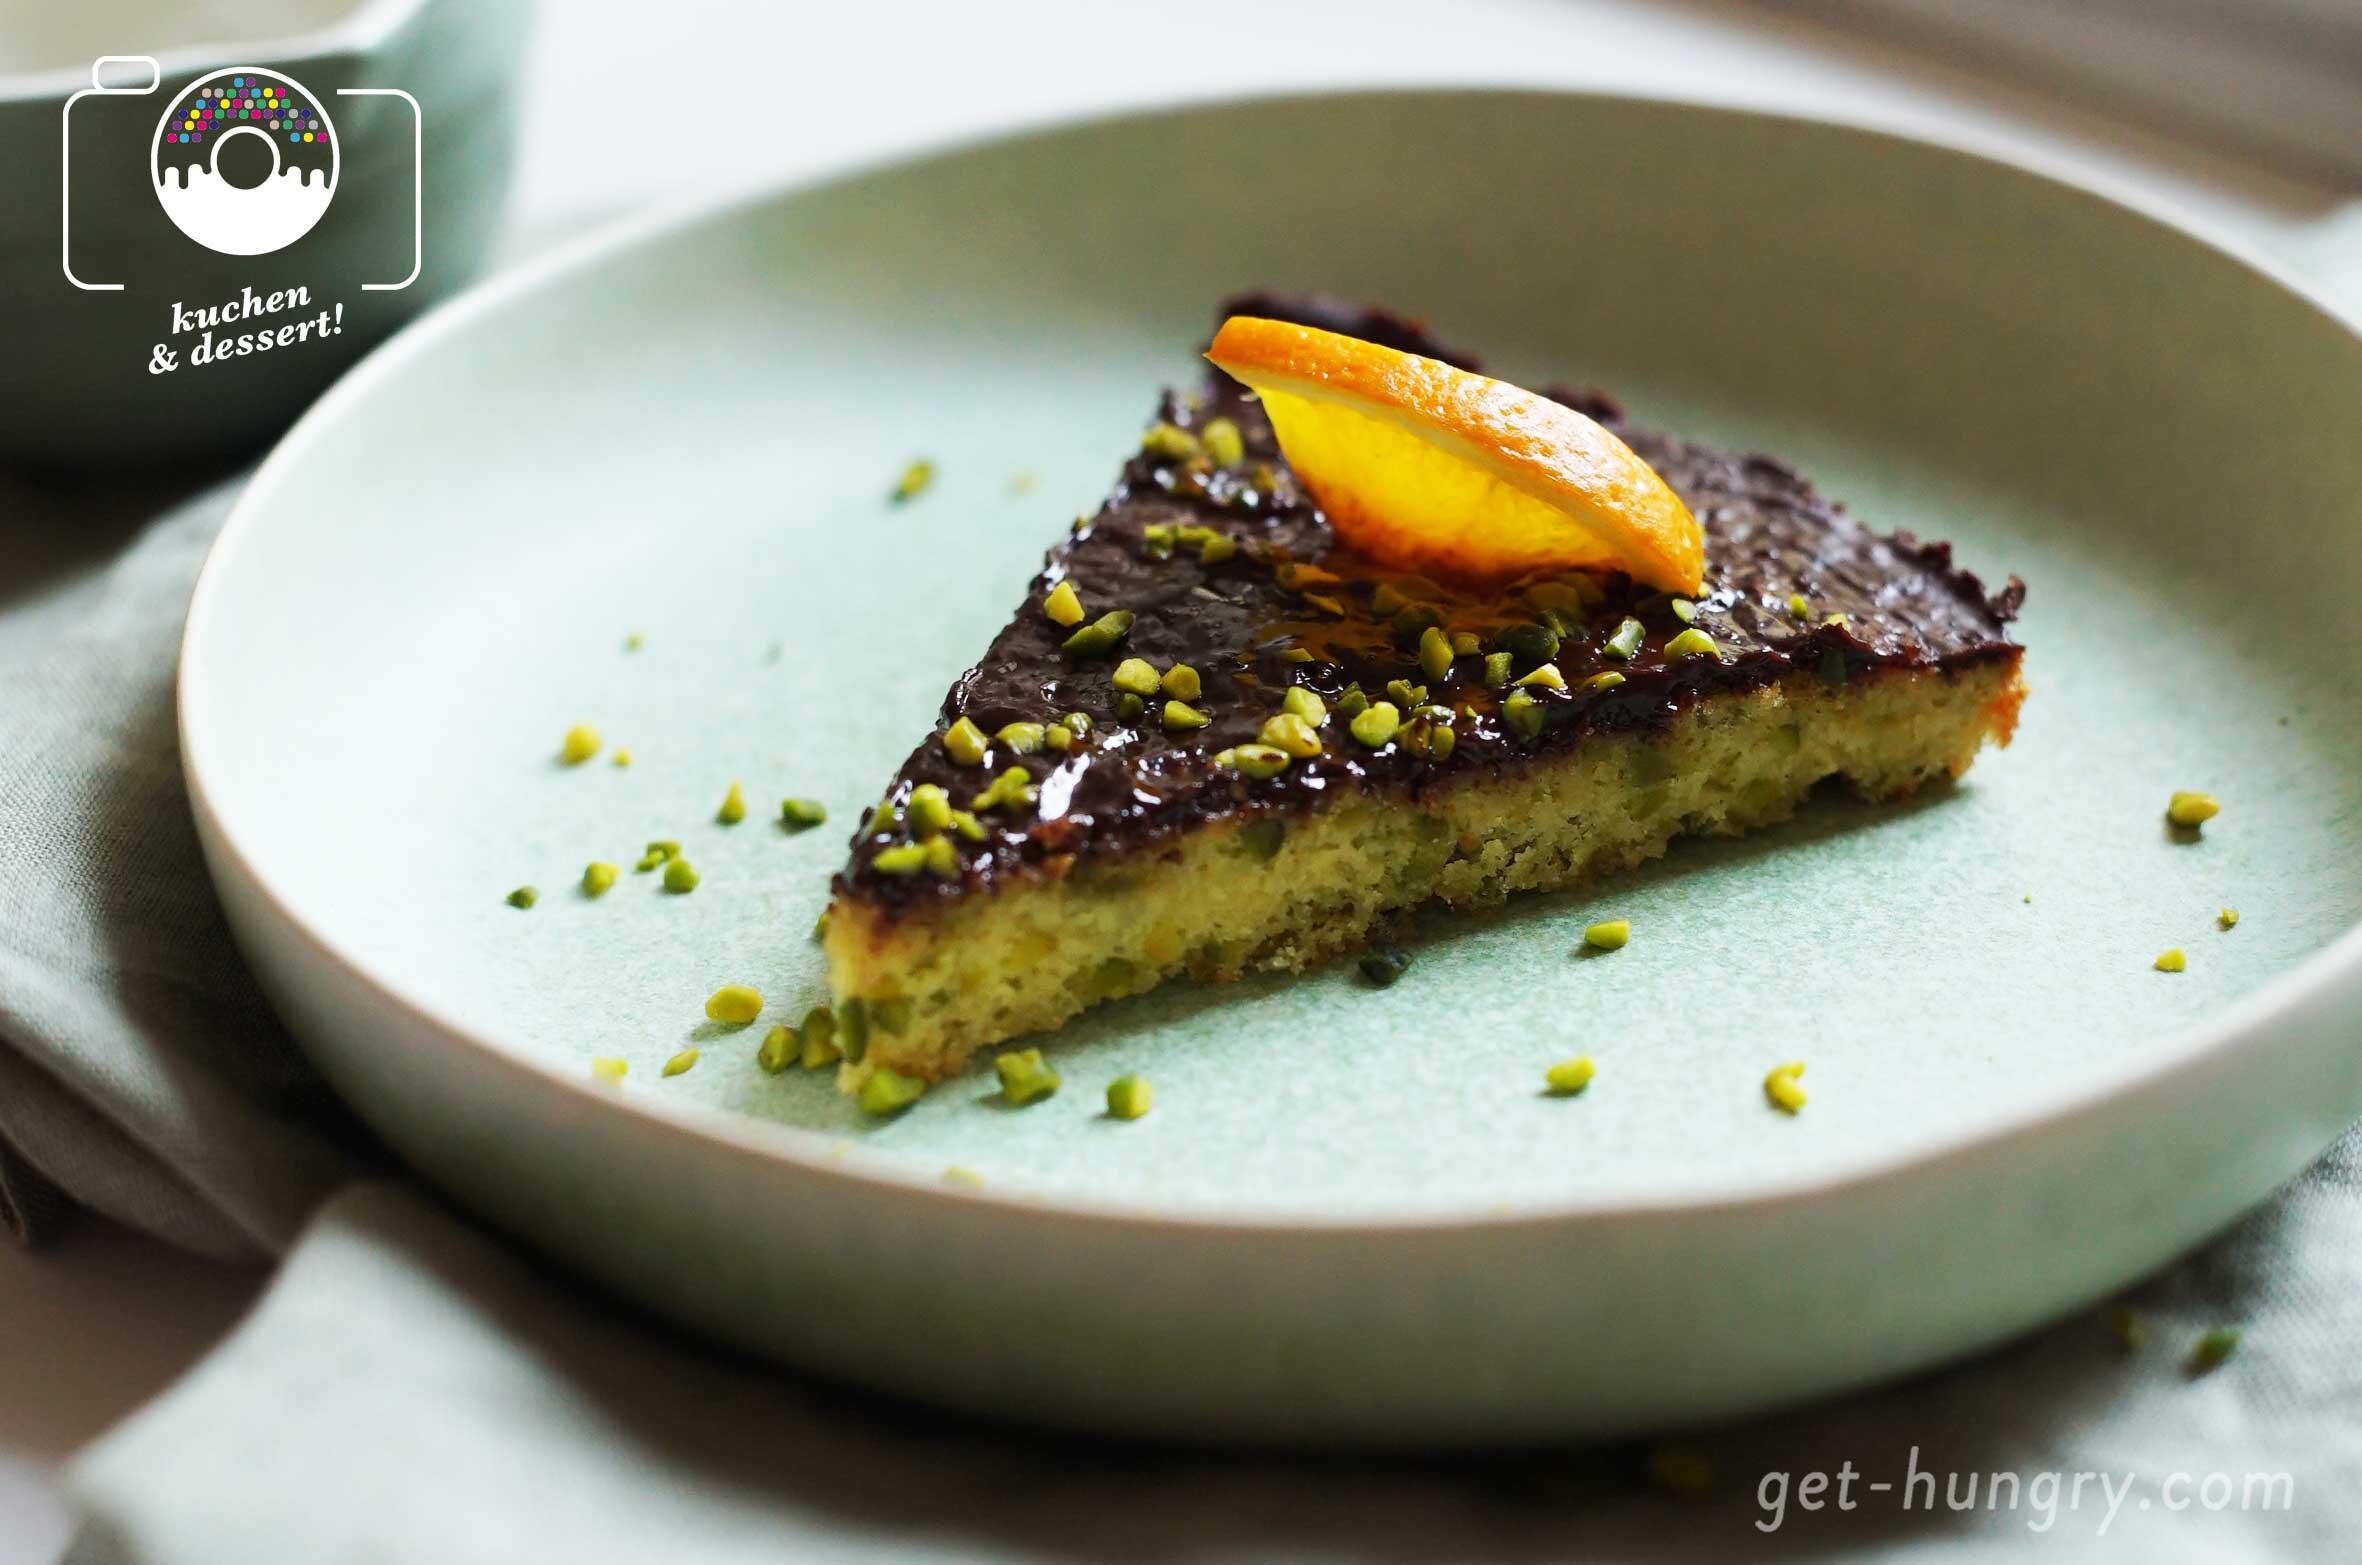 Sour Cream Pistazientarte mit Orangen-Schokolade